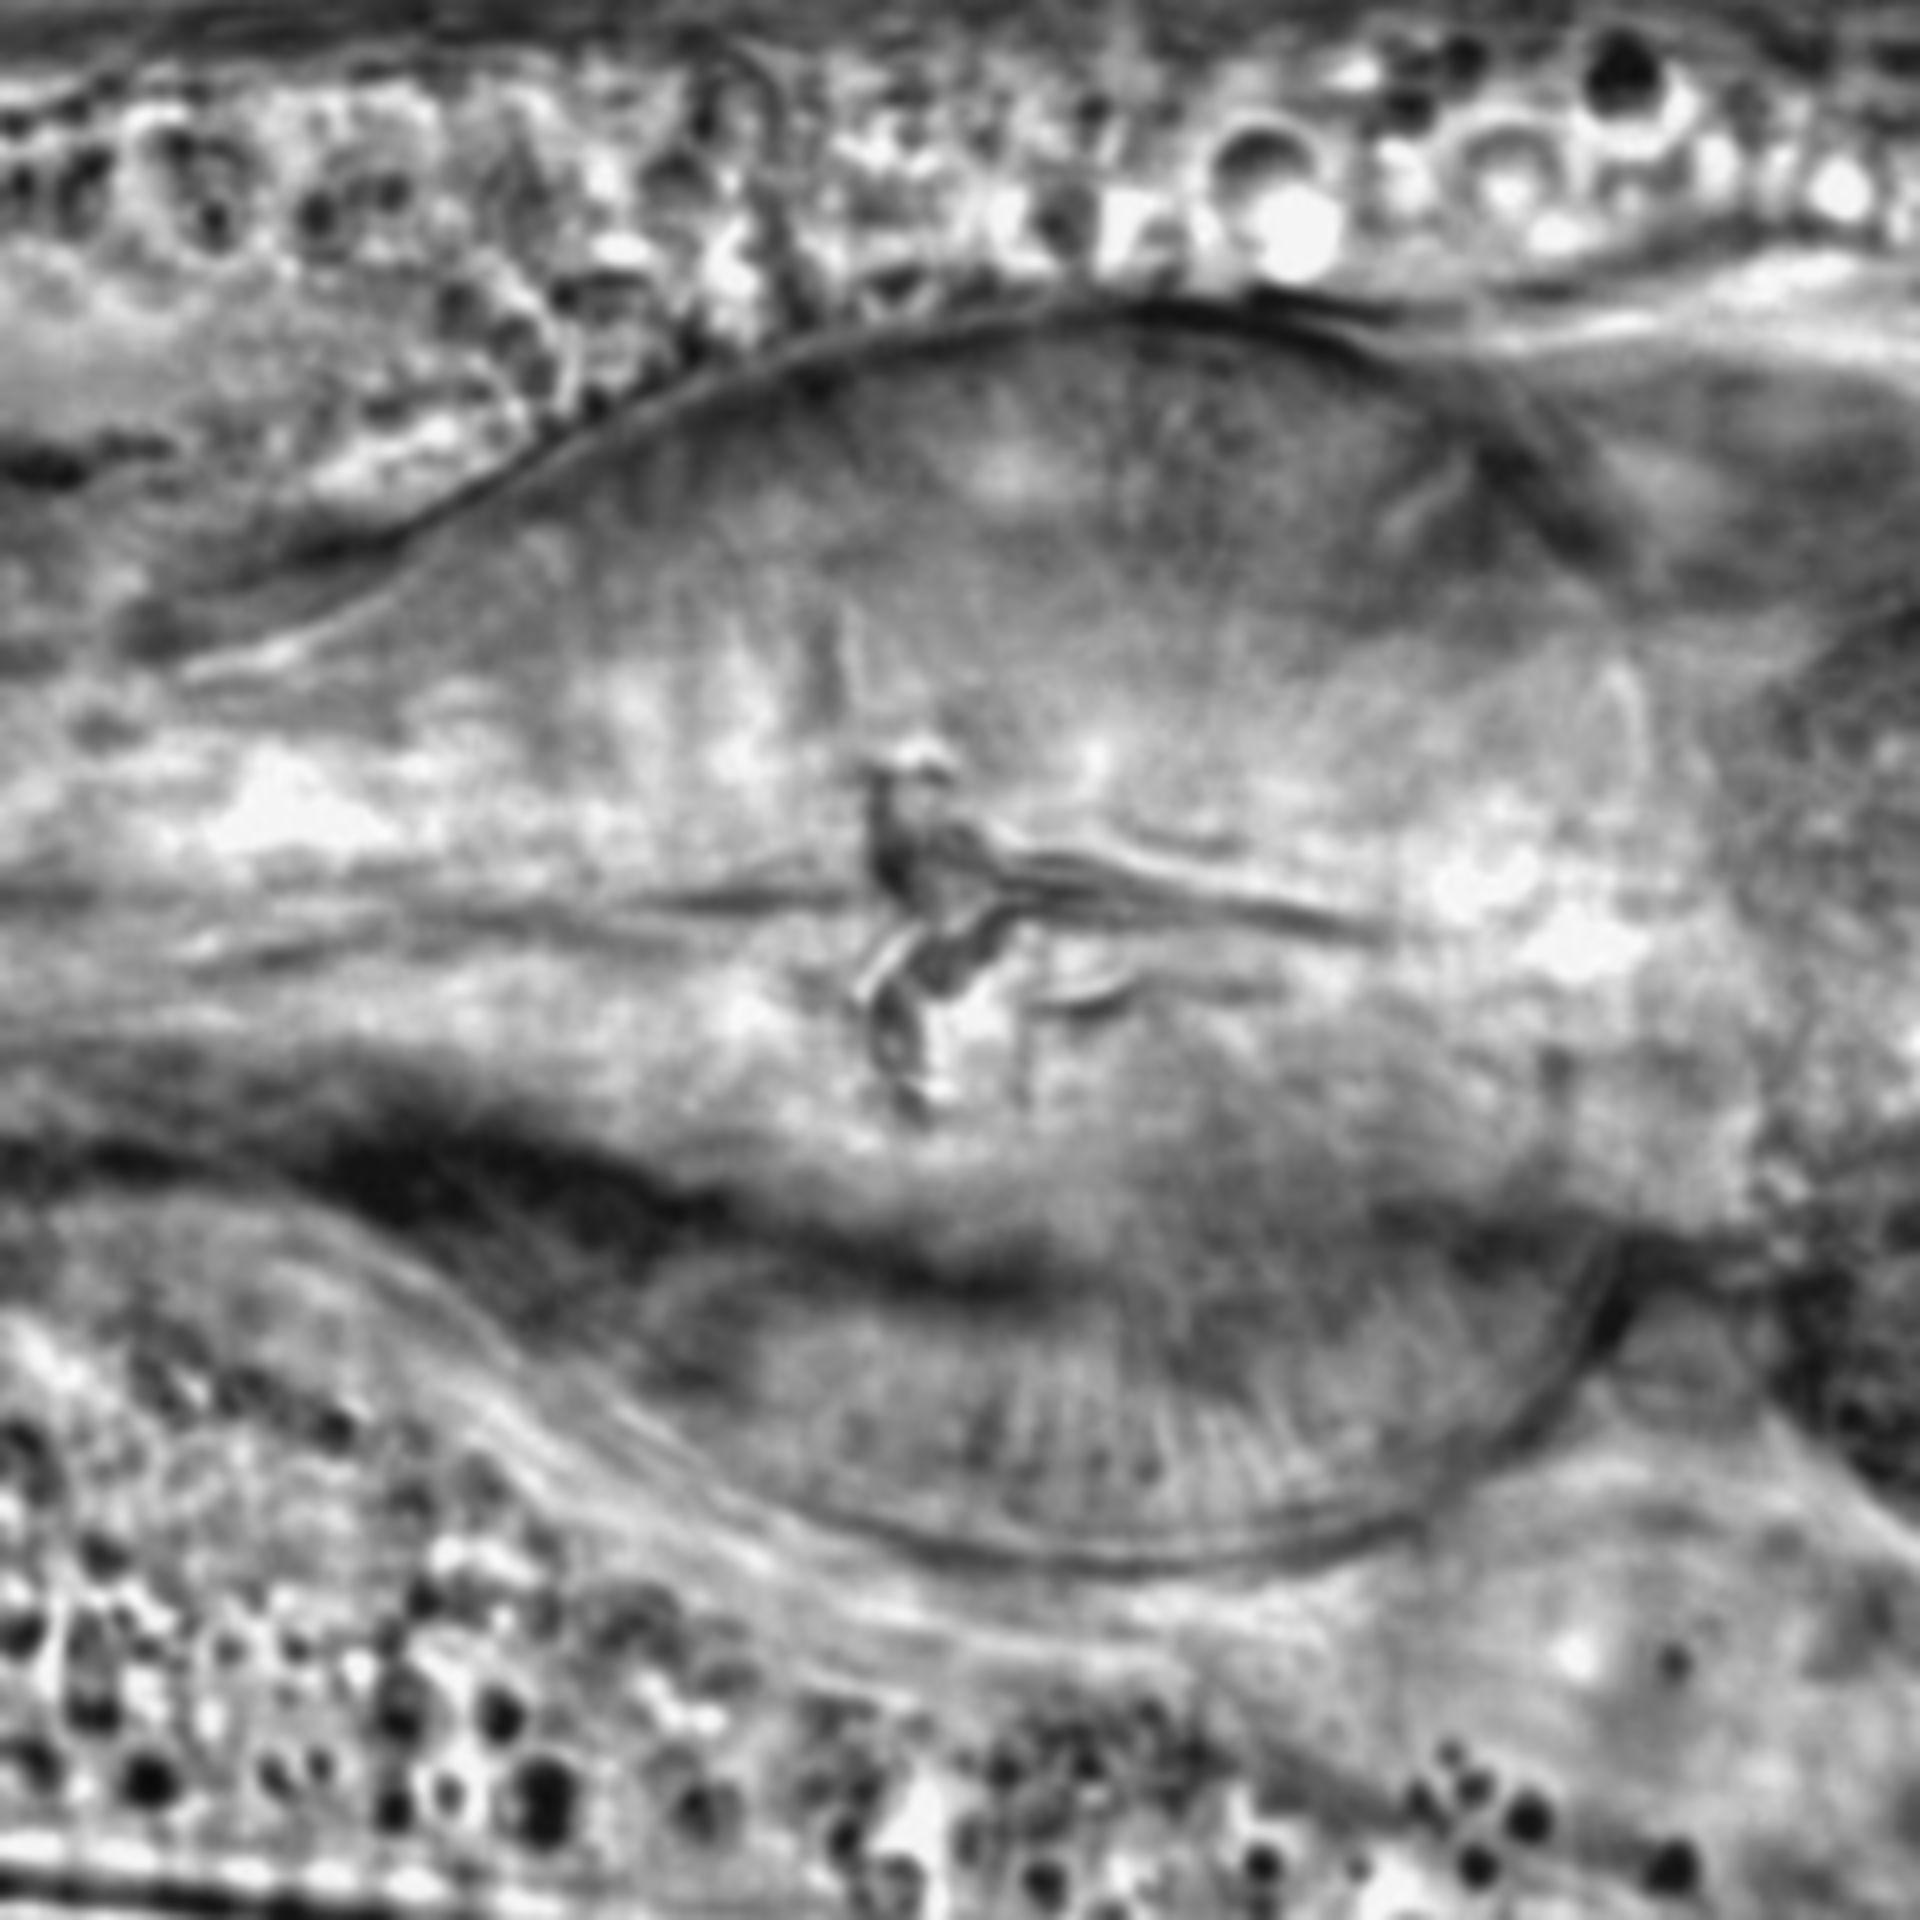 Caenorhabditis elegans - CIL:1735